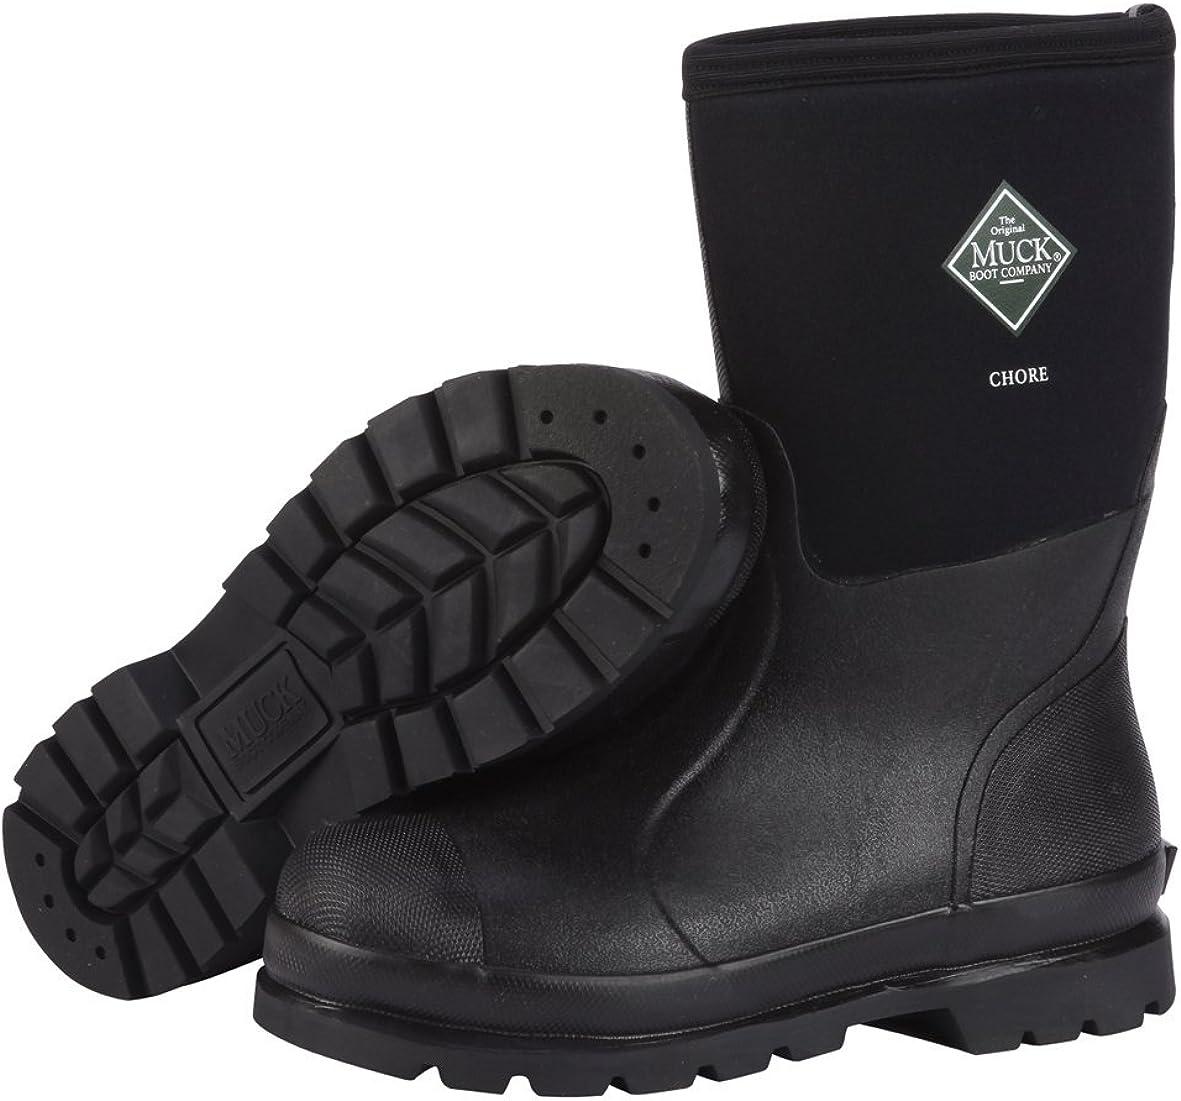 Muck Chore Rubber Boots